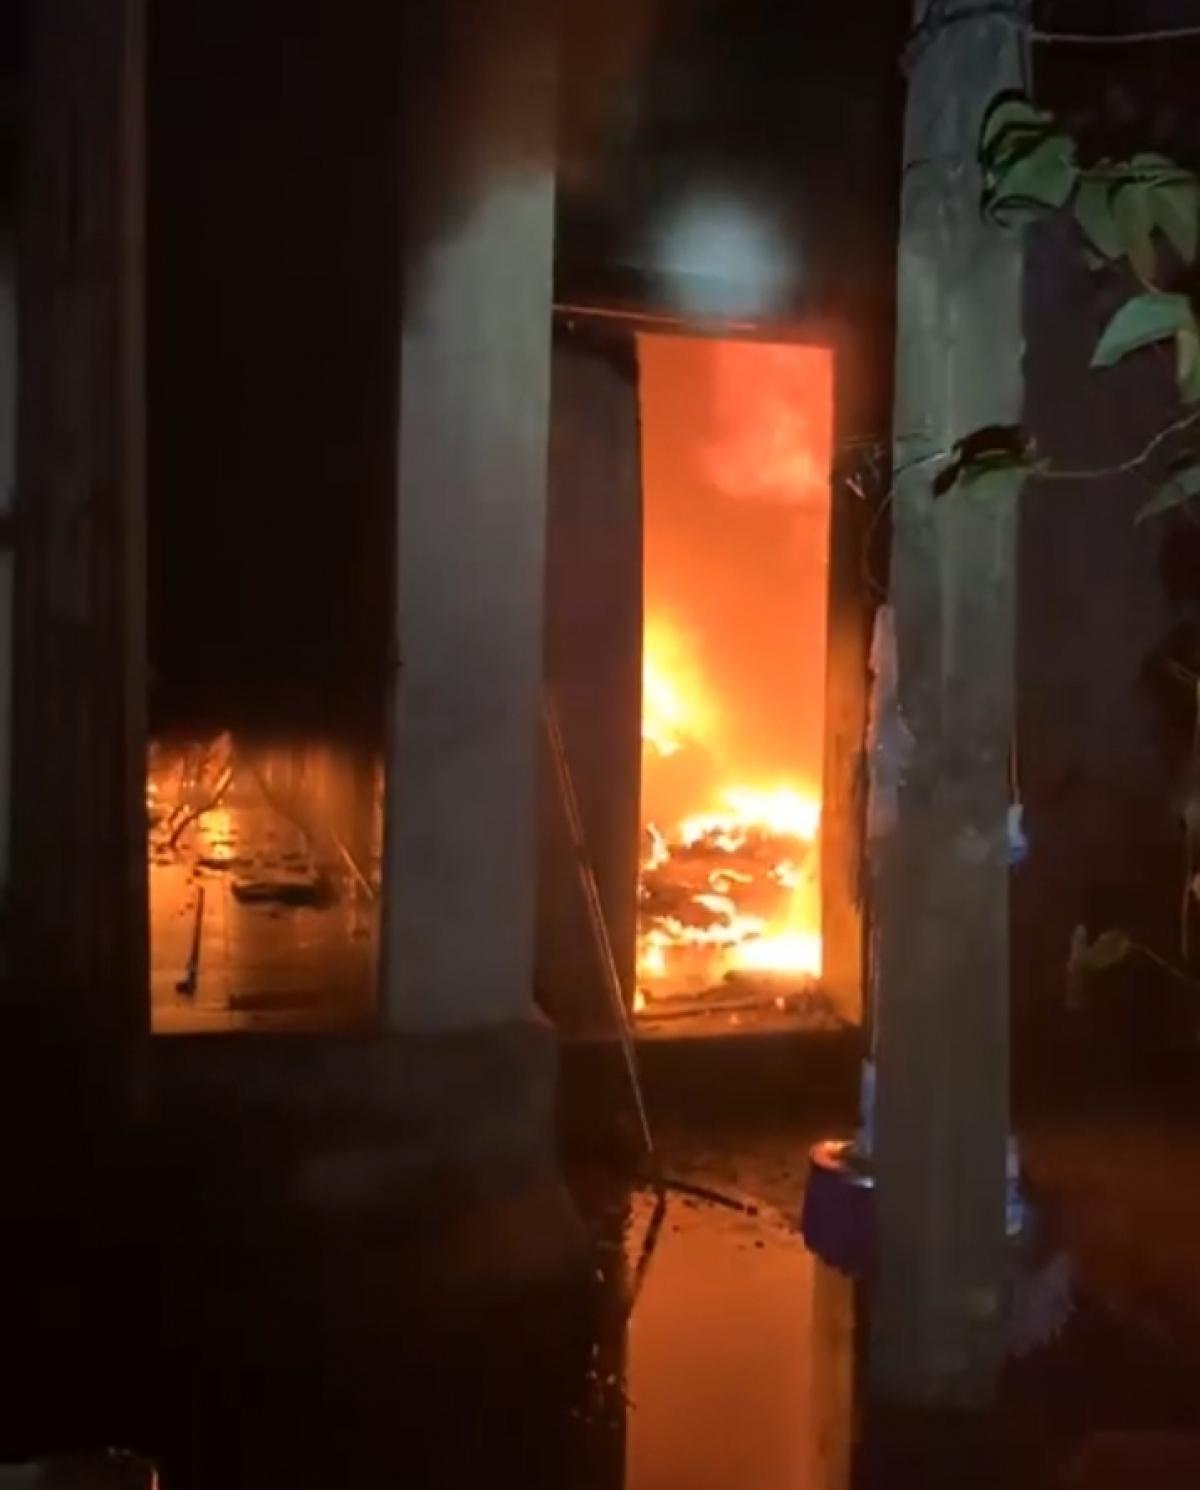 Ngôi nhà 2 tầng của gia đình ông N. bốc cháy trong đêm (ảnh cắt từ clip).